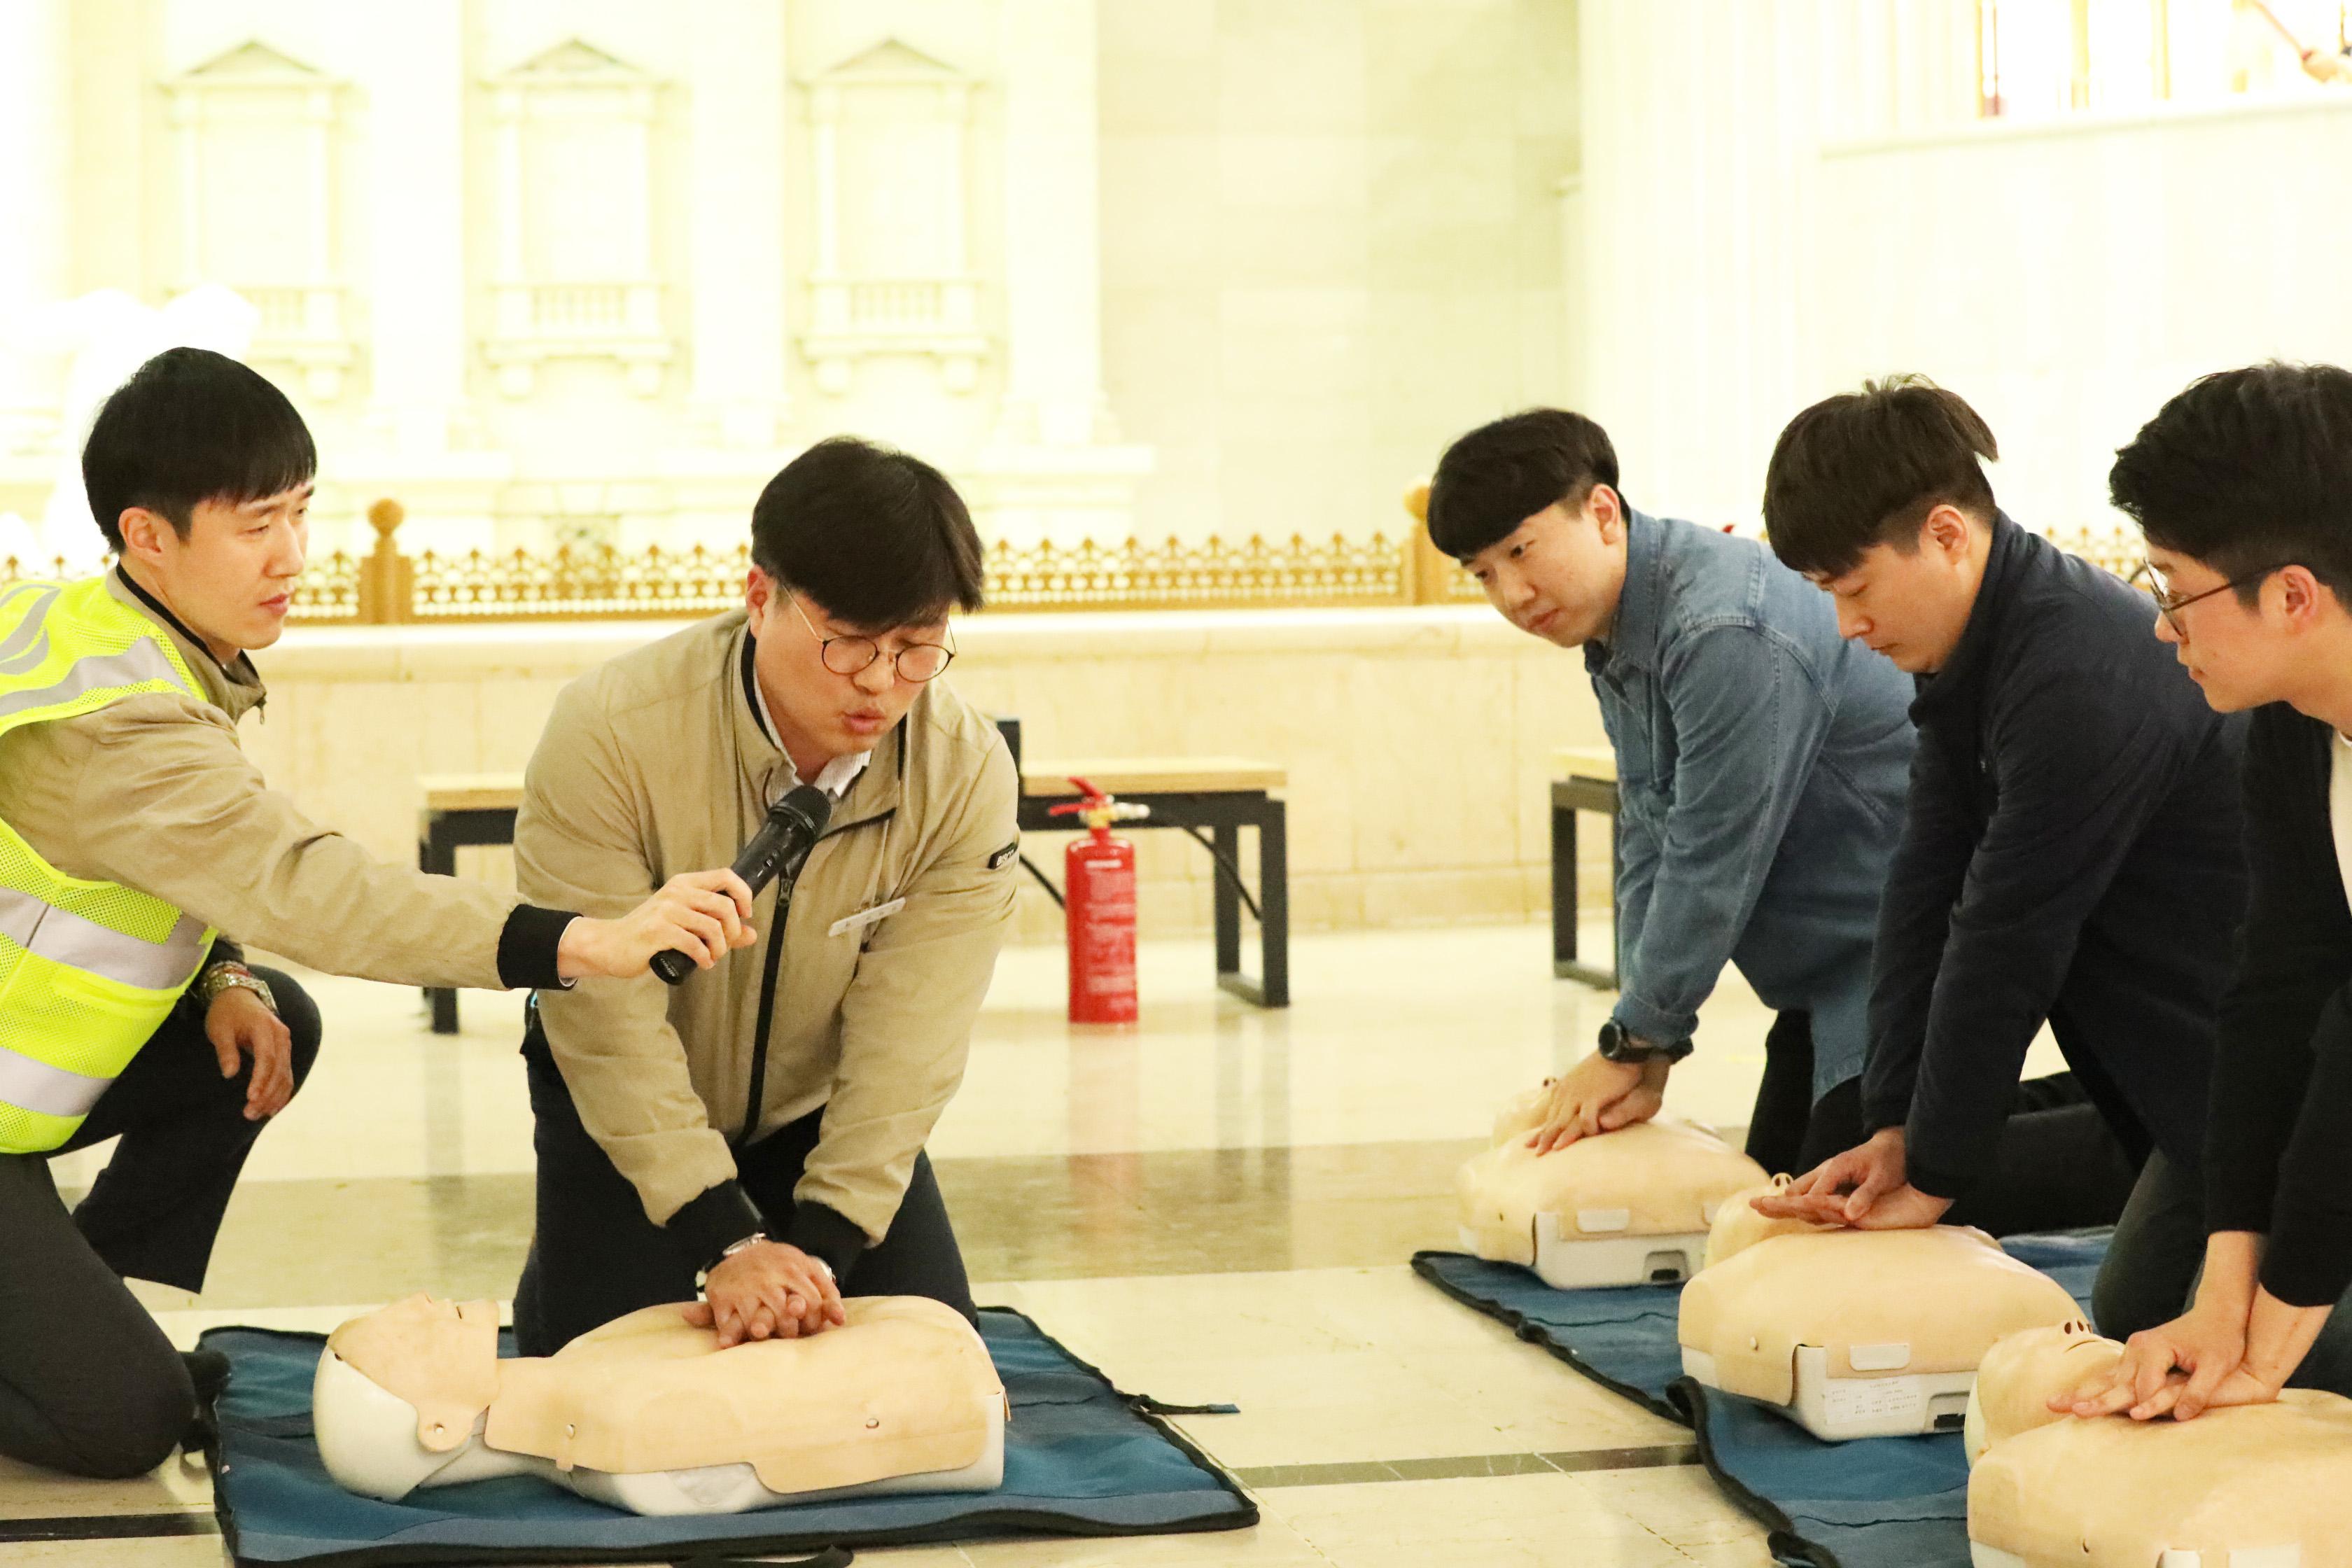 2014년 모방송을 통해 시민영웅으로 소개된 바 있는 부산시설공단 주원중 차장이 시민과 함께 심폐소생술을 직접 시연하고 있다.